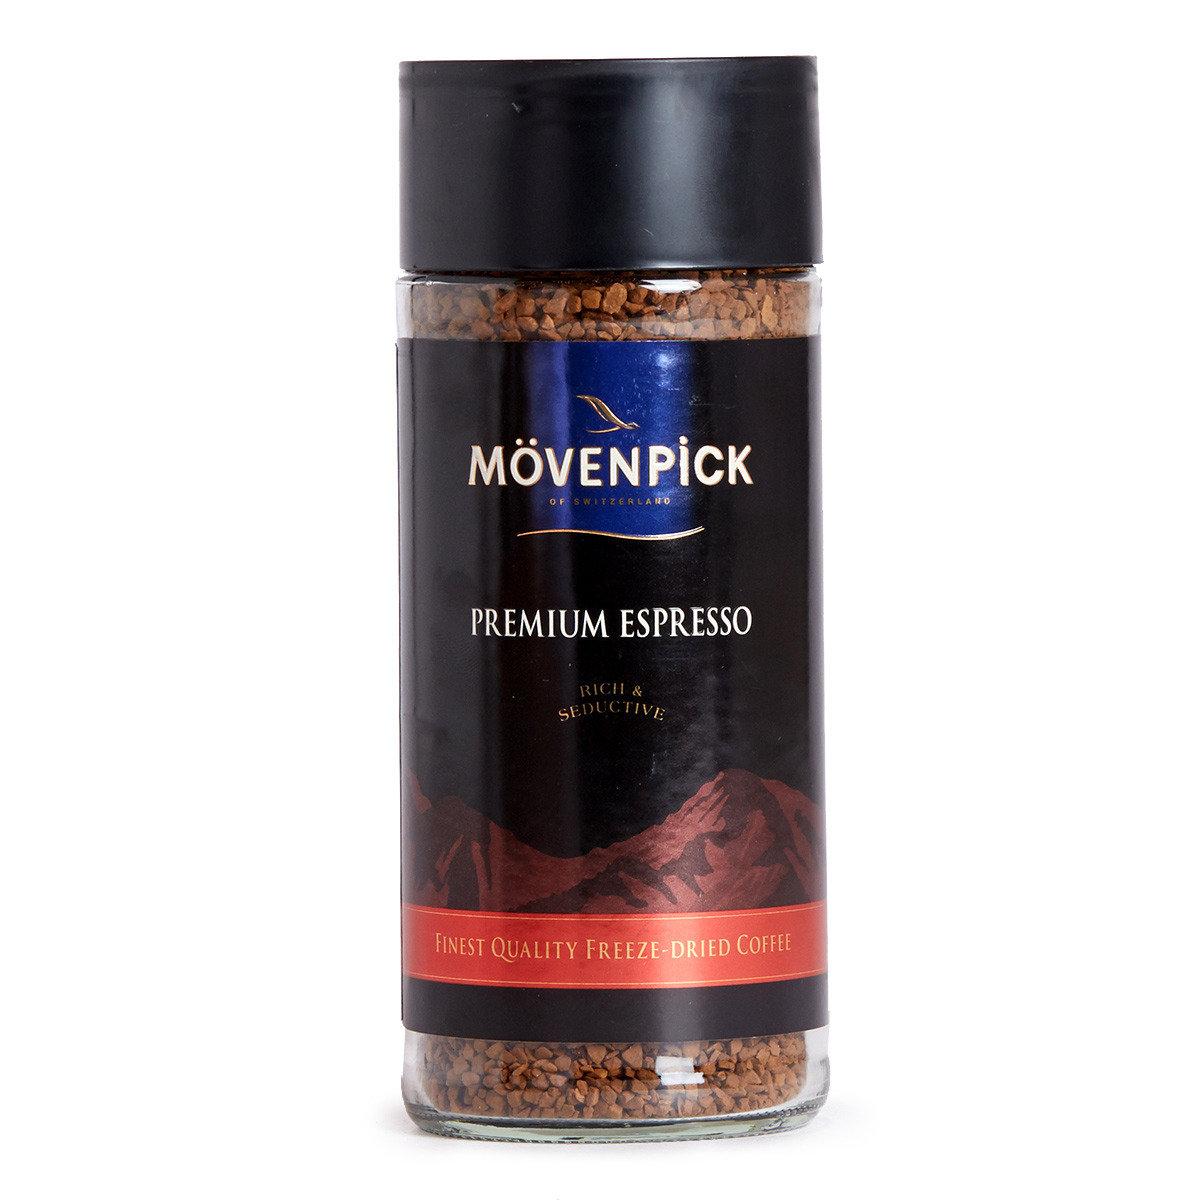 優質特濃速溶咖啡粉